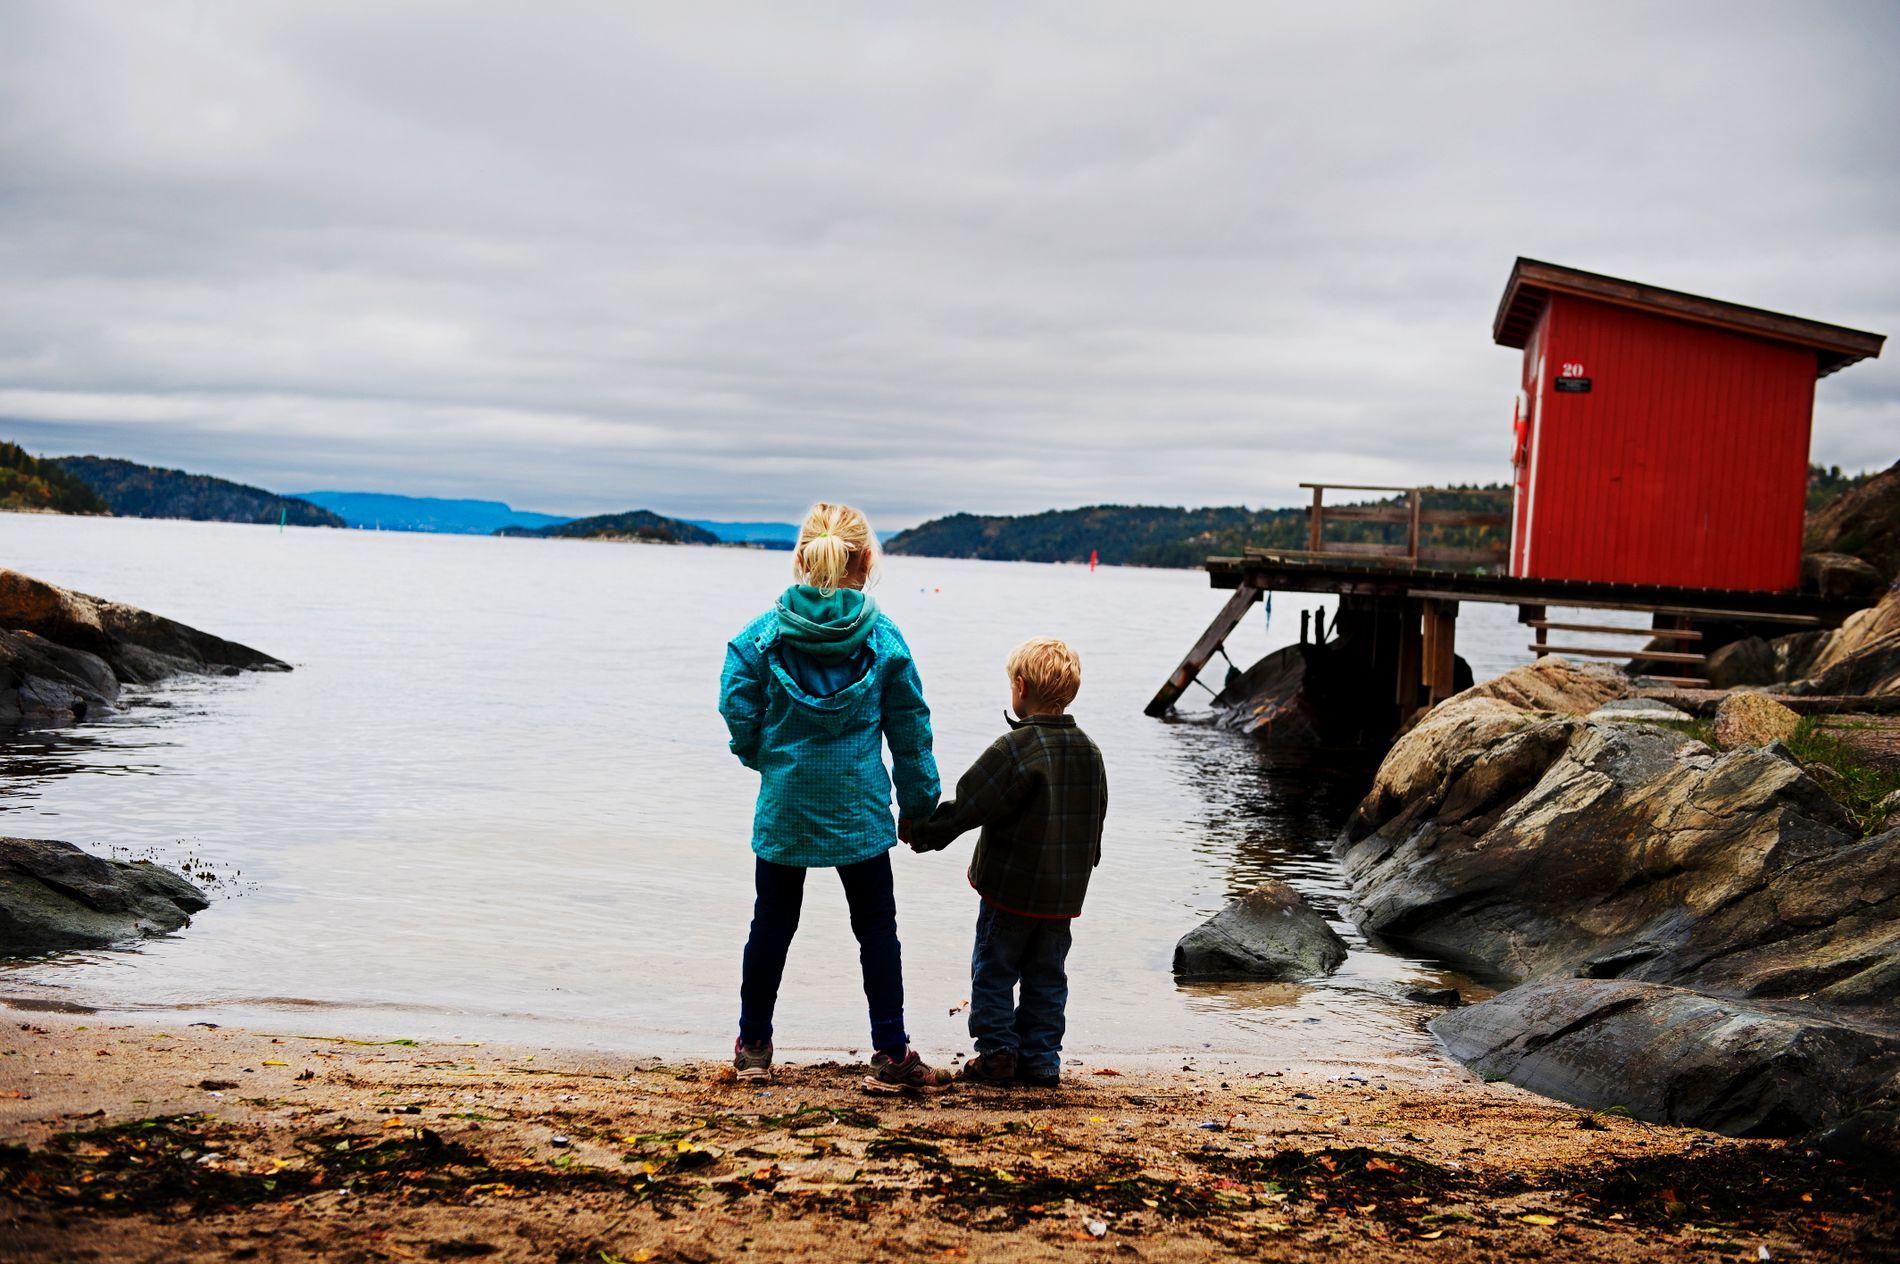 BARNEFATTIGDOM BEKYMRER. – Fattigdom er hverdagen til over 100 000 barn i Norge. 100 000 levde liv med høyere risiko for manglende trygghet, frihet, fellesskap, muligheter for utvikling og dårligere helse, skriver Eikrem og Øhlckers.